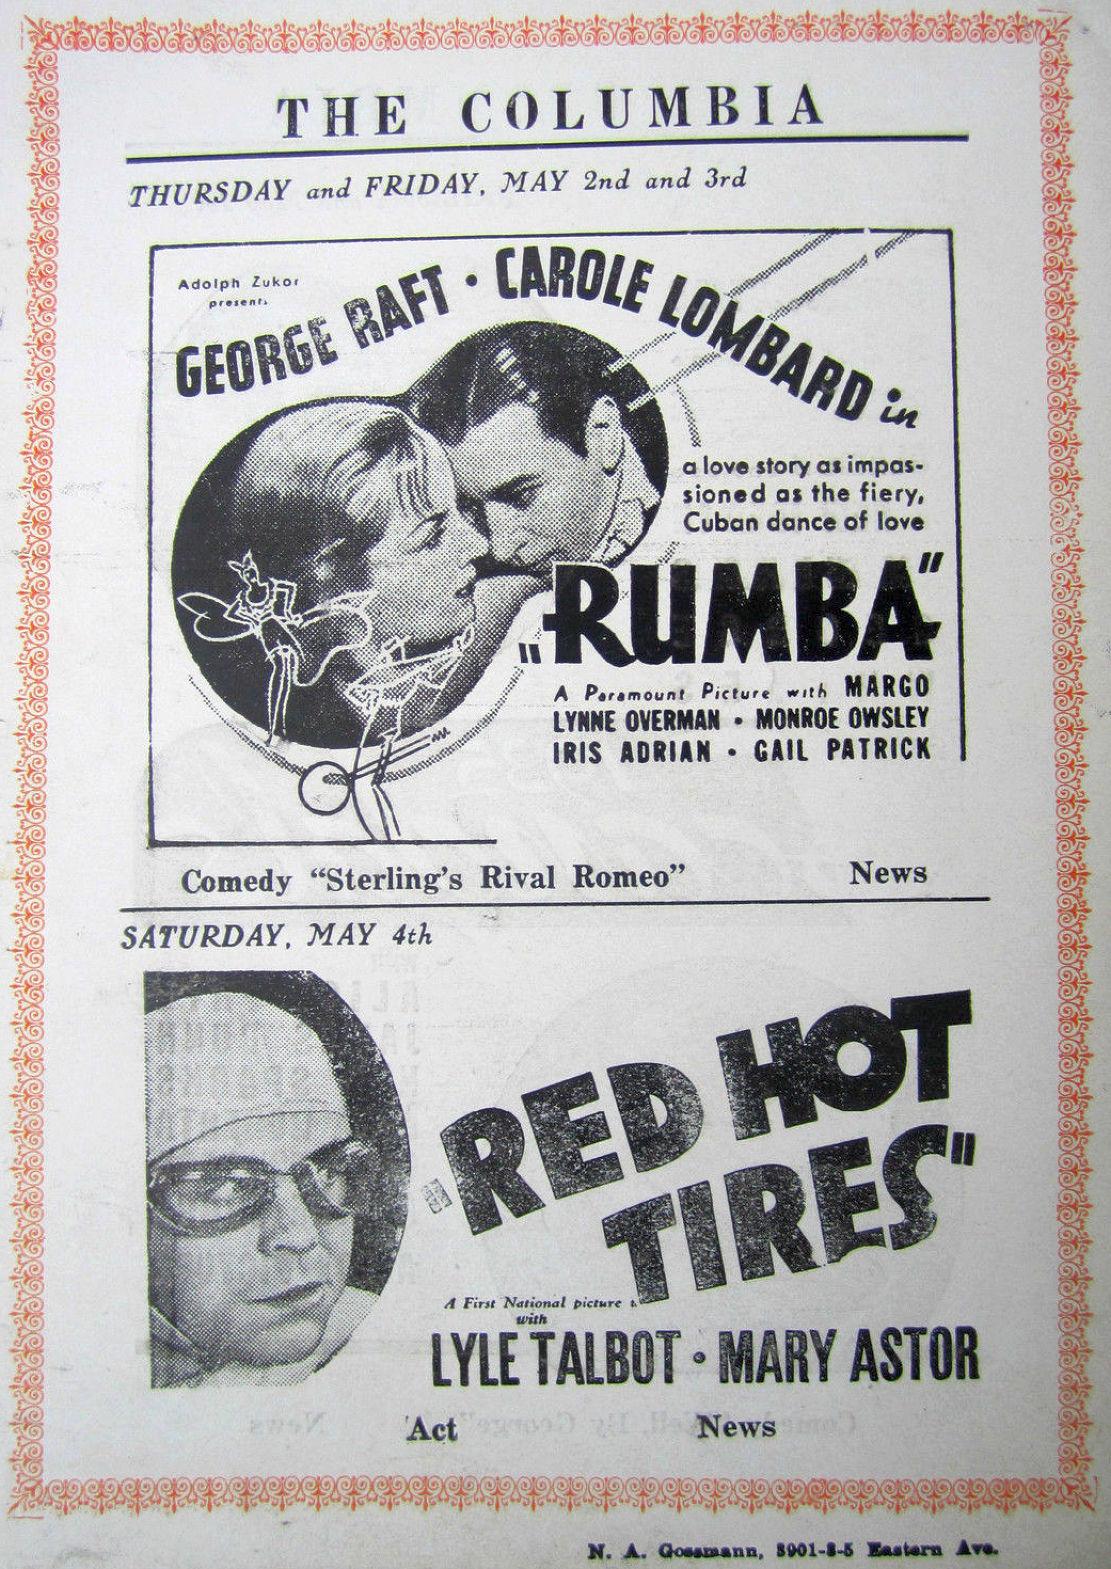 carole lombard rumba herald columbia baltimore 03a